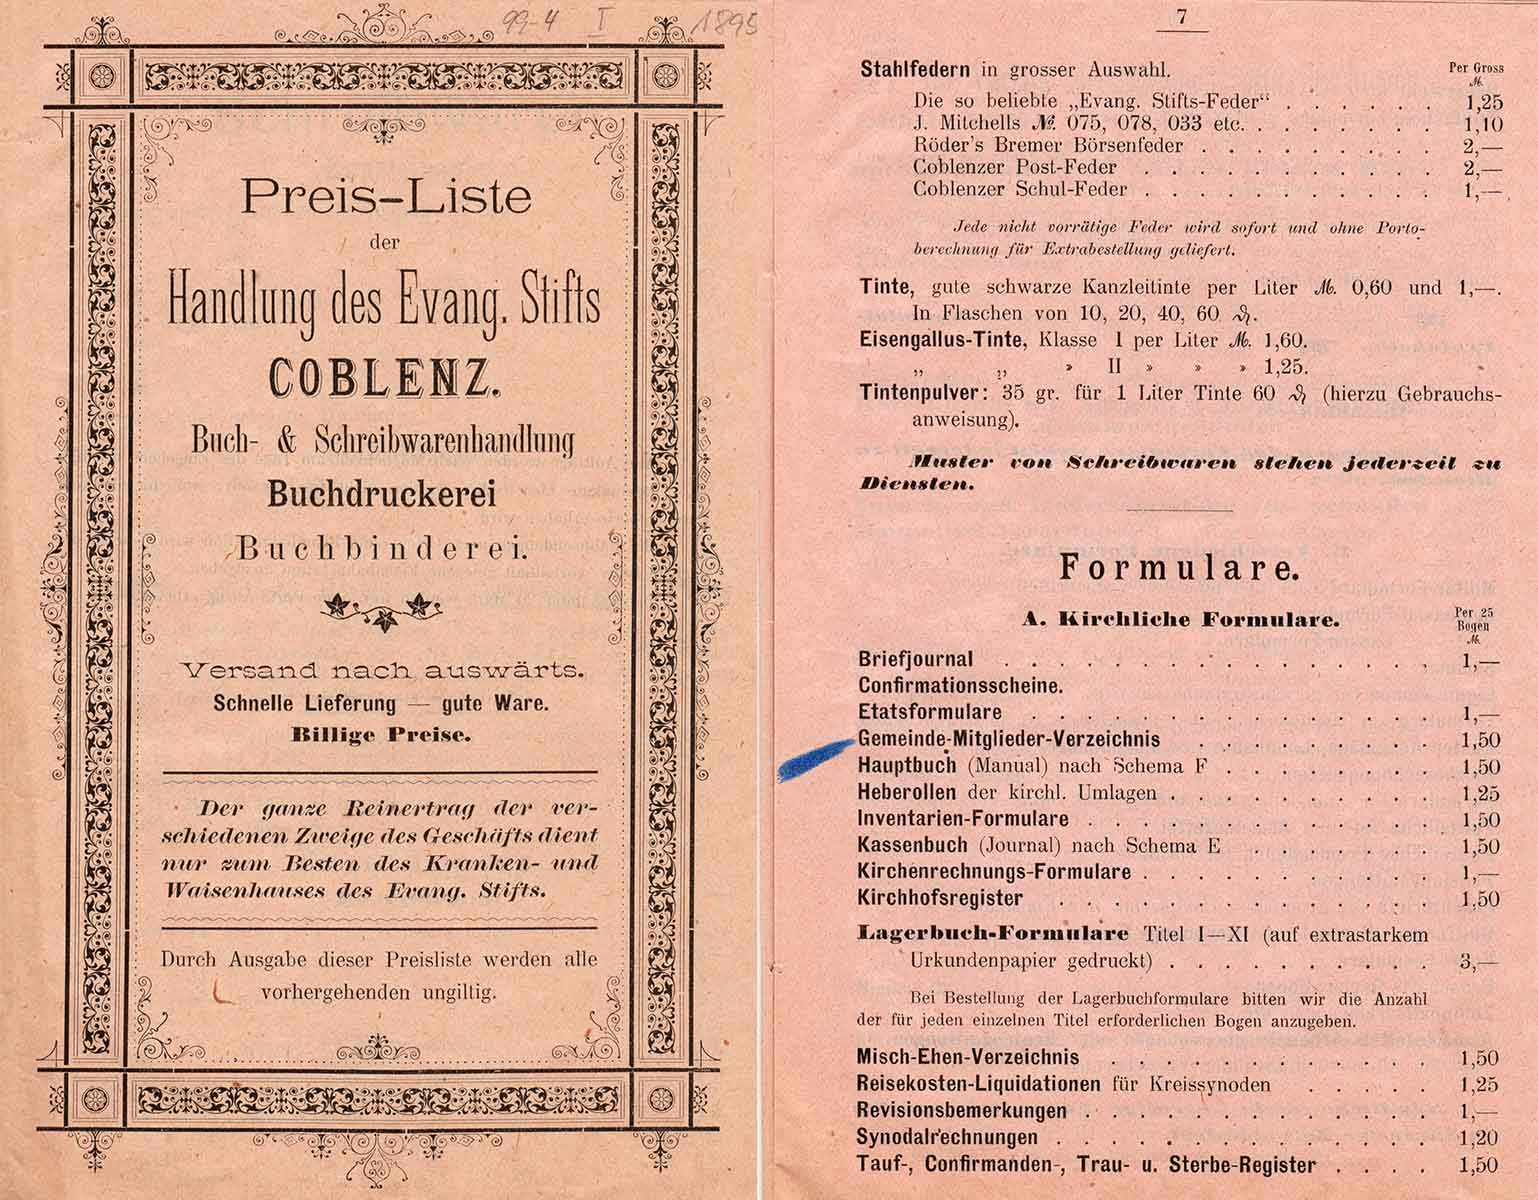 """Preisliste der Handlung des Evangelischen Stifts Koblenz aus der Zeit um 1900 mit dem Formular """"Hauptbuch (Manual) nach Schema F"""" im Angebot, aus Bestand: AEKR Boppard"""